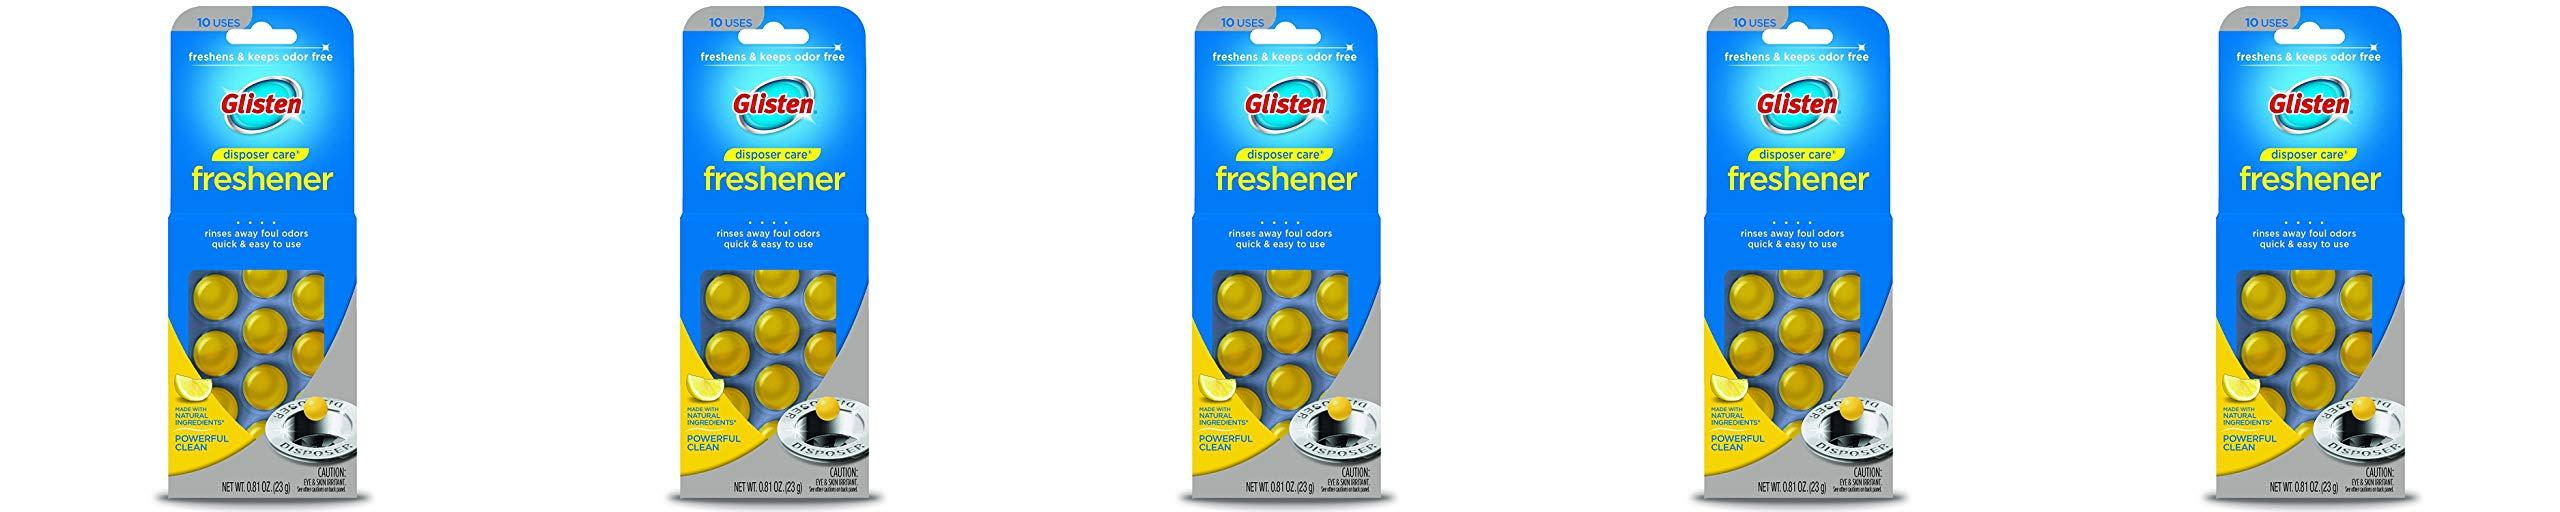 Glisten Disposer Care Freshener, Lemon Scent, 10 Use - 5 Pack